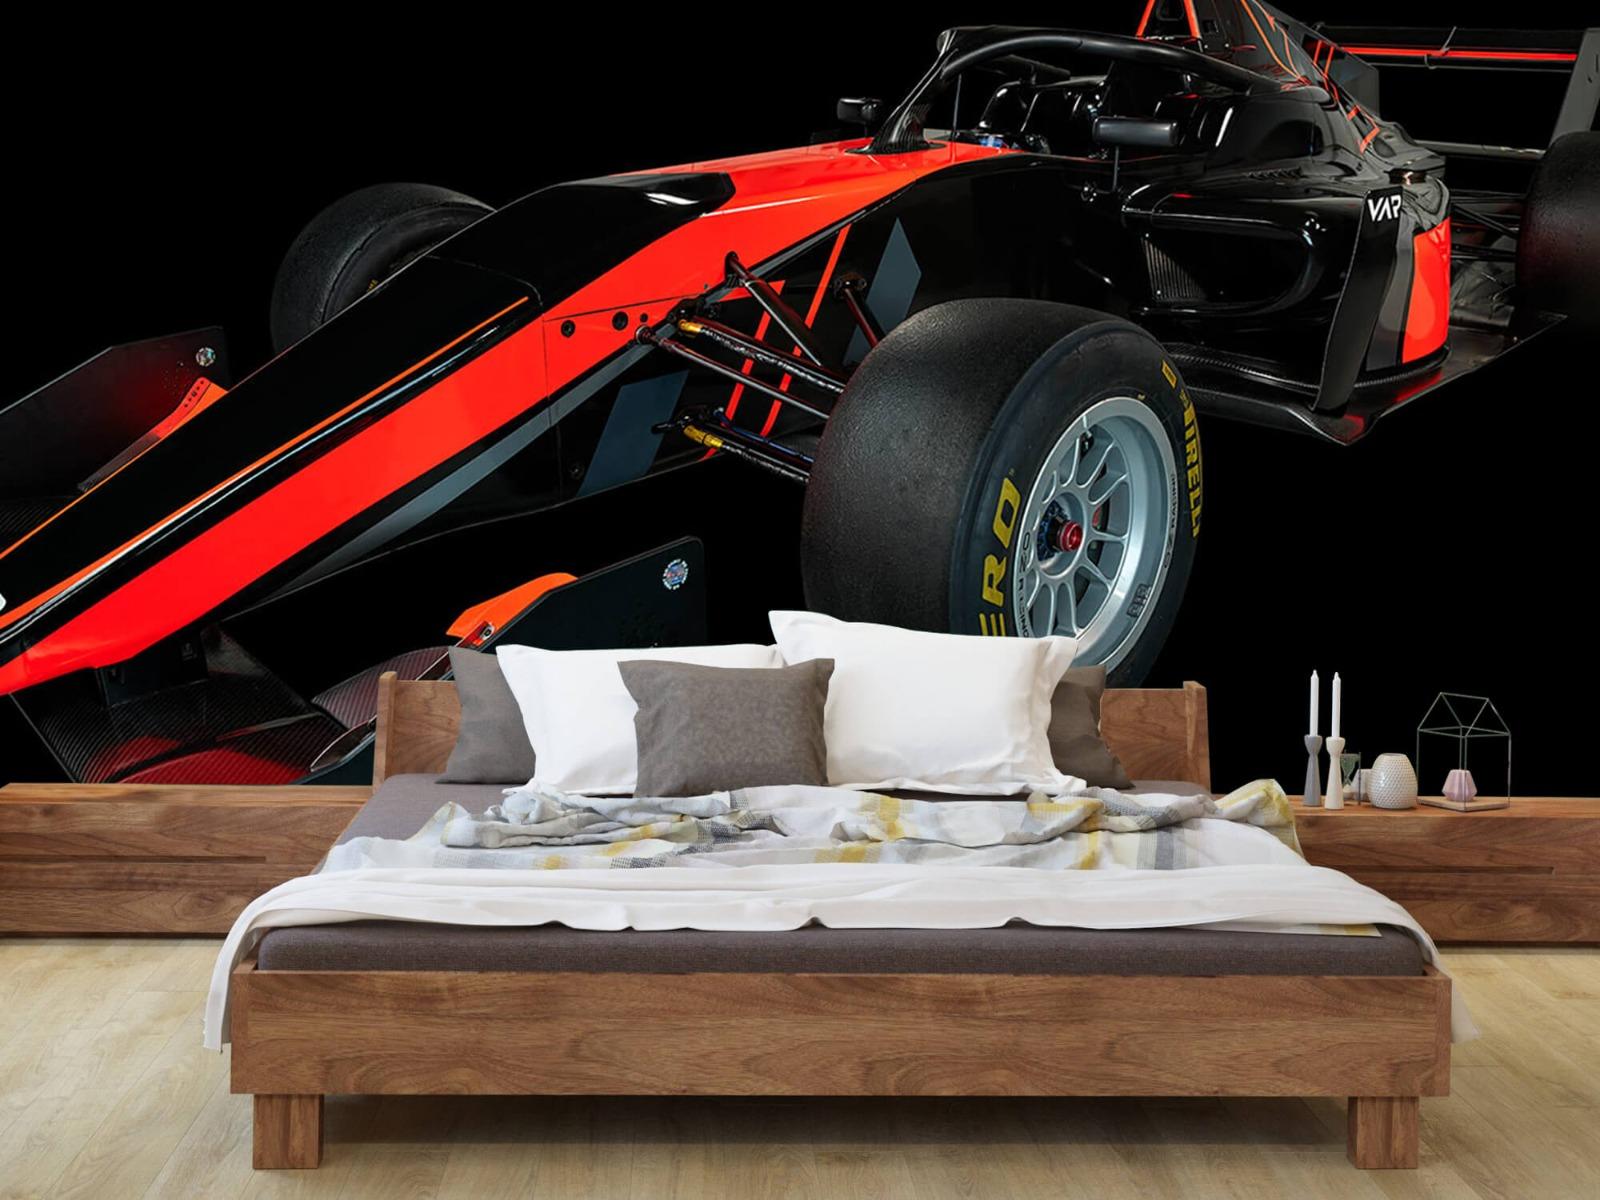 Sportauto's - Formule 3 - Left front view - dark - Vergaderruimte 7